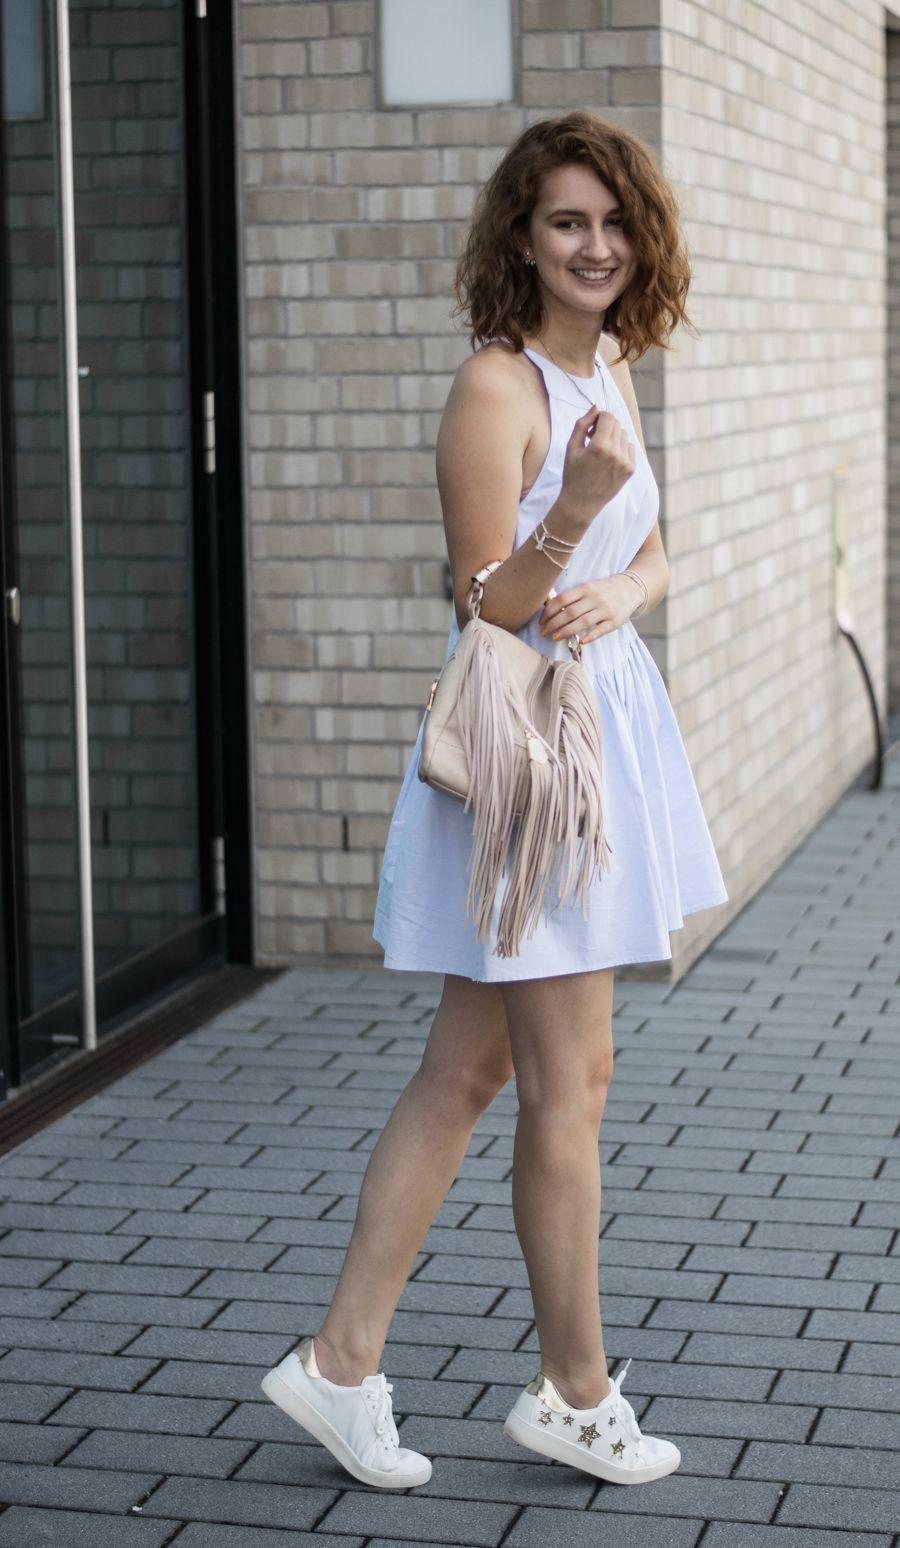 Coolste Abendkleid Und Sneaker Boutique20 Ausgezeichnet Abendkleid Und Sneaker Galerie